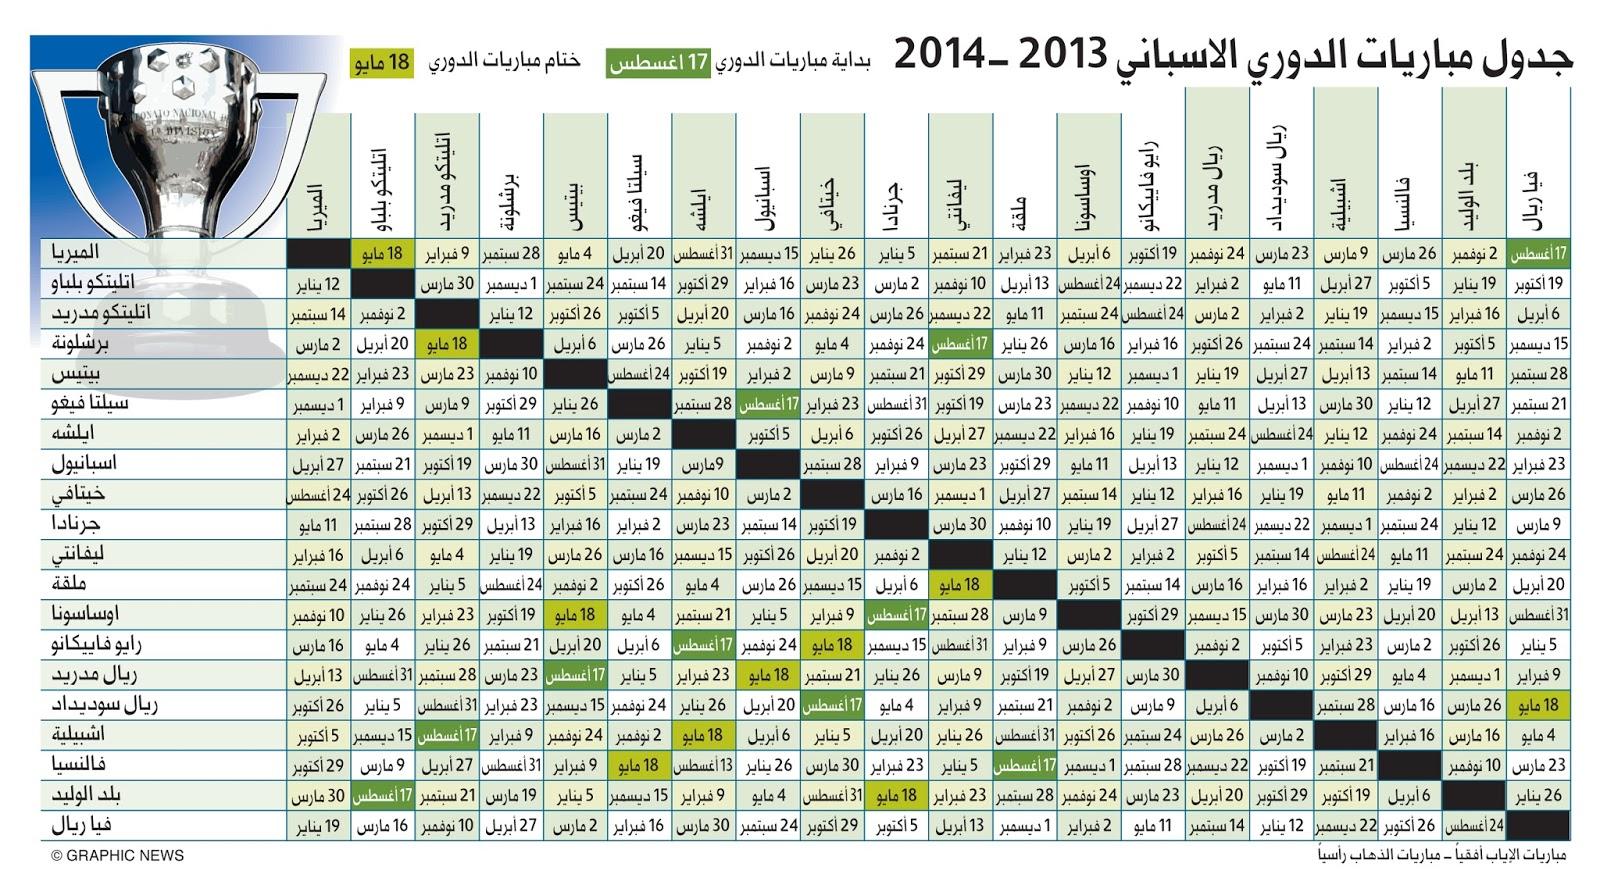 جدول الدورى الاسبانى 2013 - 2014 كامل